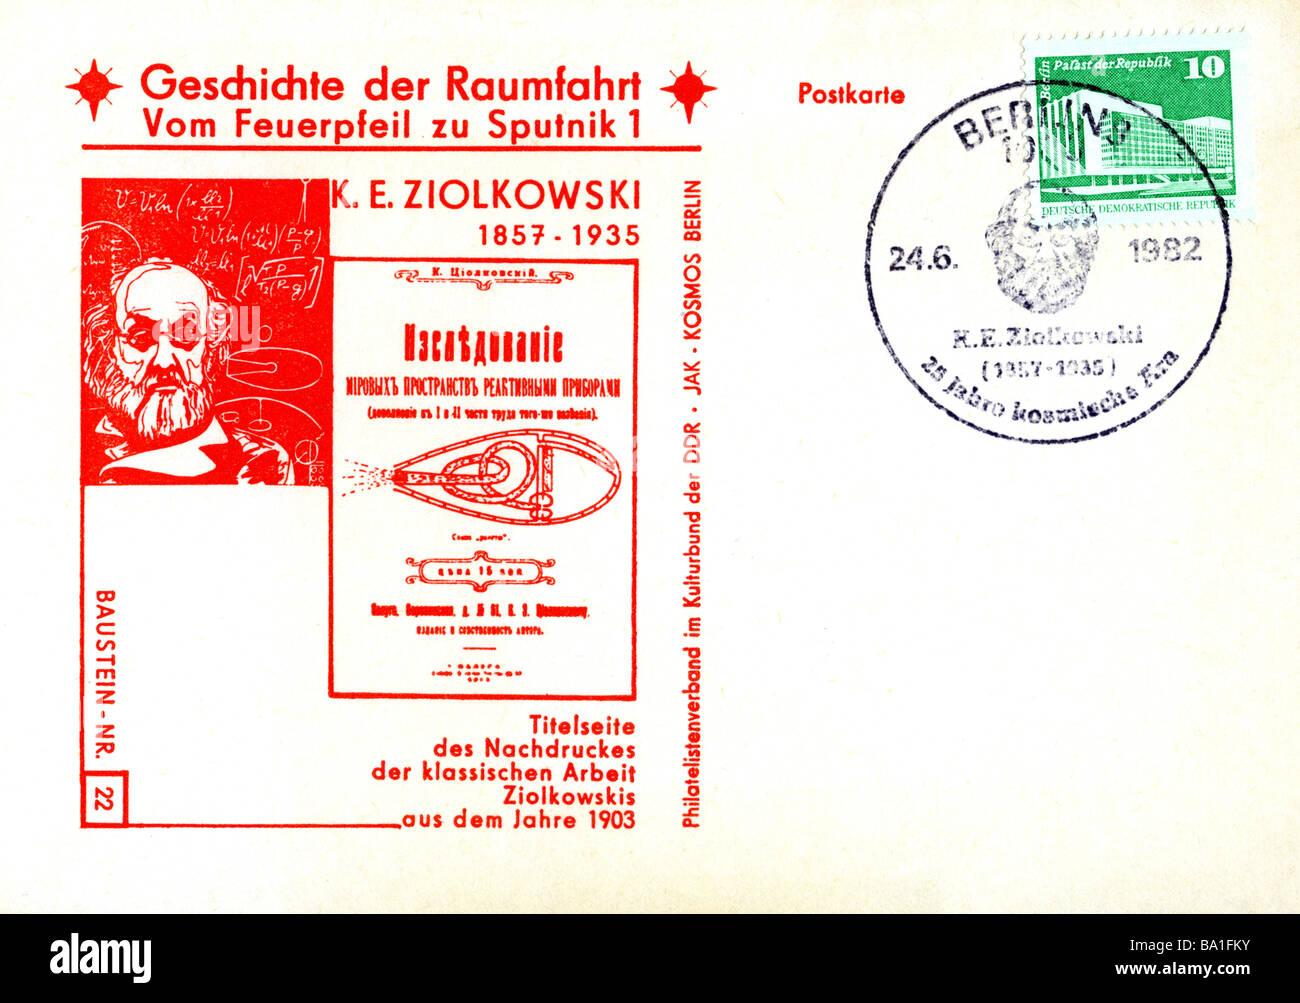 Ziolkowski, Konstantin Eduardowitsch, 17.9.1857 - 19.9.1935, russischer Arzt, Postkarte, Deutsche Demokratische Stockfoto